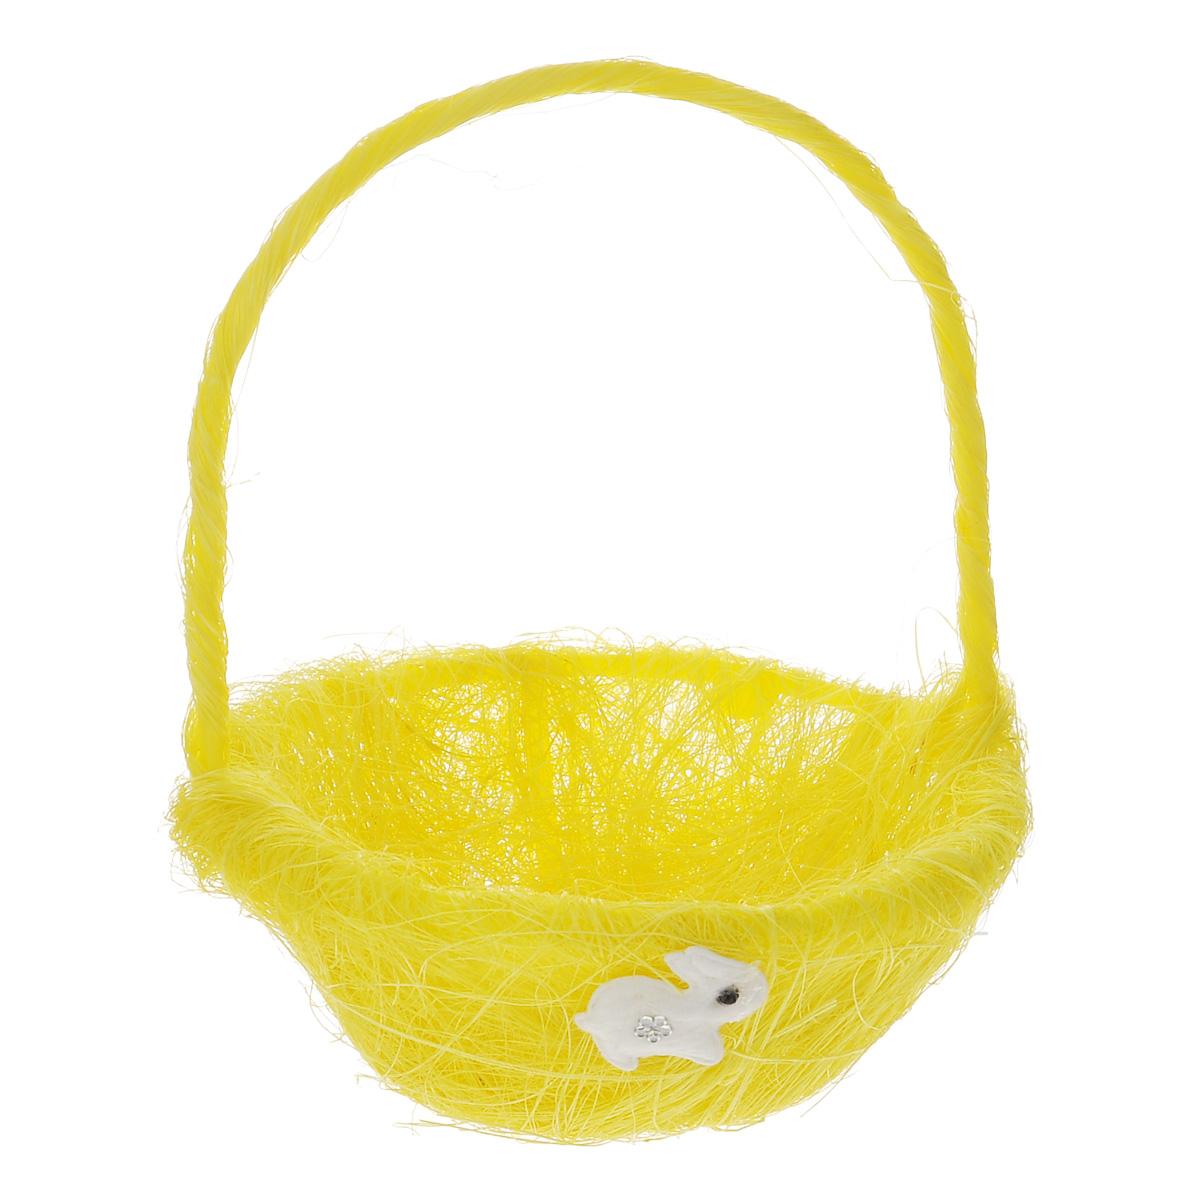 Корзинка декоративная Home Queen Легкость, цвет: желтый, 14,5 х 19 см66818_1Декоративная корзинка Home Queen Легкость предназначена для украшения интерьера и сервировки стола. Изделие выполнено из сизаля, имеет жесткий пластиковый каркас. Внешние стенки украшены аппликацией в виде белого зайчонка. Корзинка оснащена ручкой.Такая оригинальная корзинка станет ярким украшением стола. Идеальный вариант для хранения пасхальных яиц. Диаметр корзинки: 14,5 см. Высота корзинки: 6 см. Высота корзинки (с ручкой): 19 см.